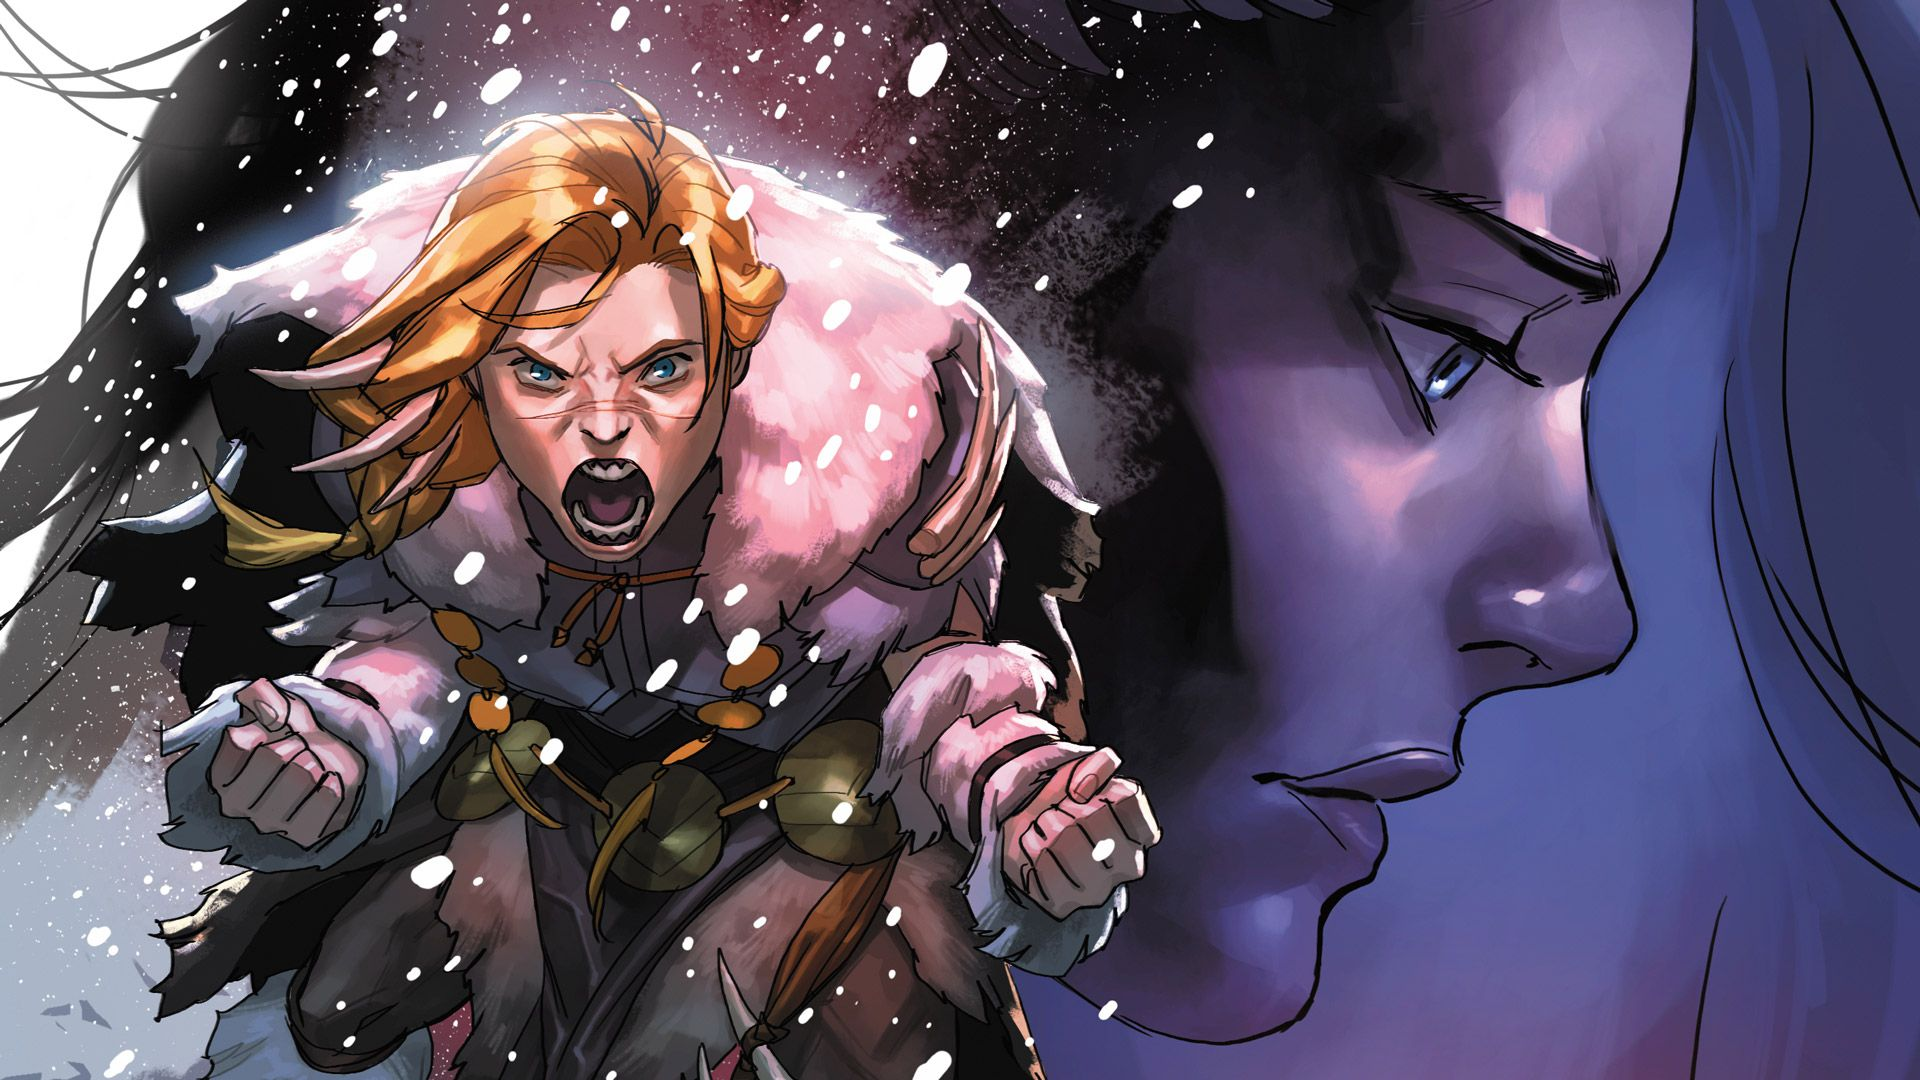 Llega el desenlace de League of Legends - Ashe: Comandante con el estreno del cuarto tomo